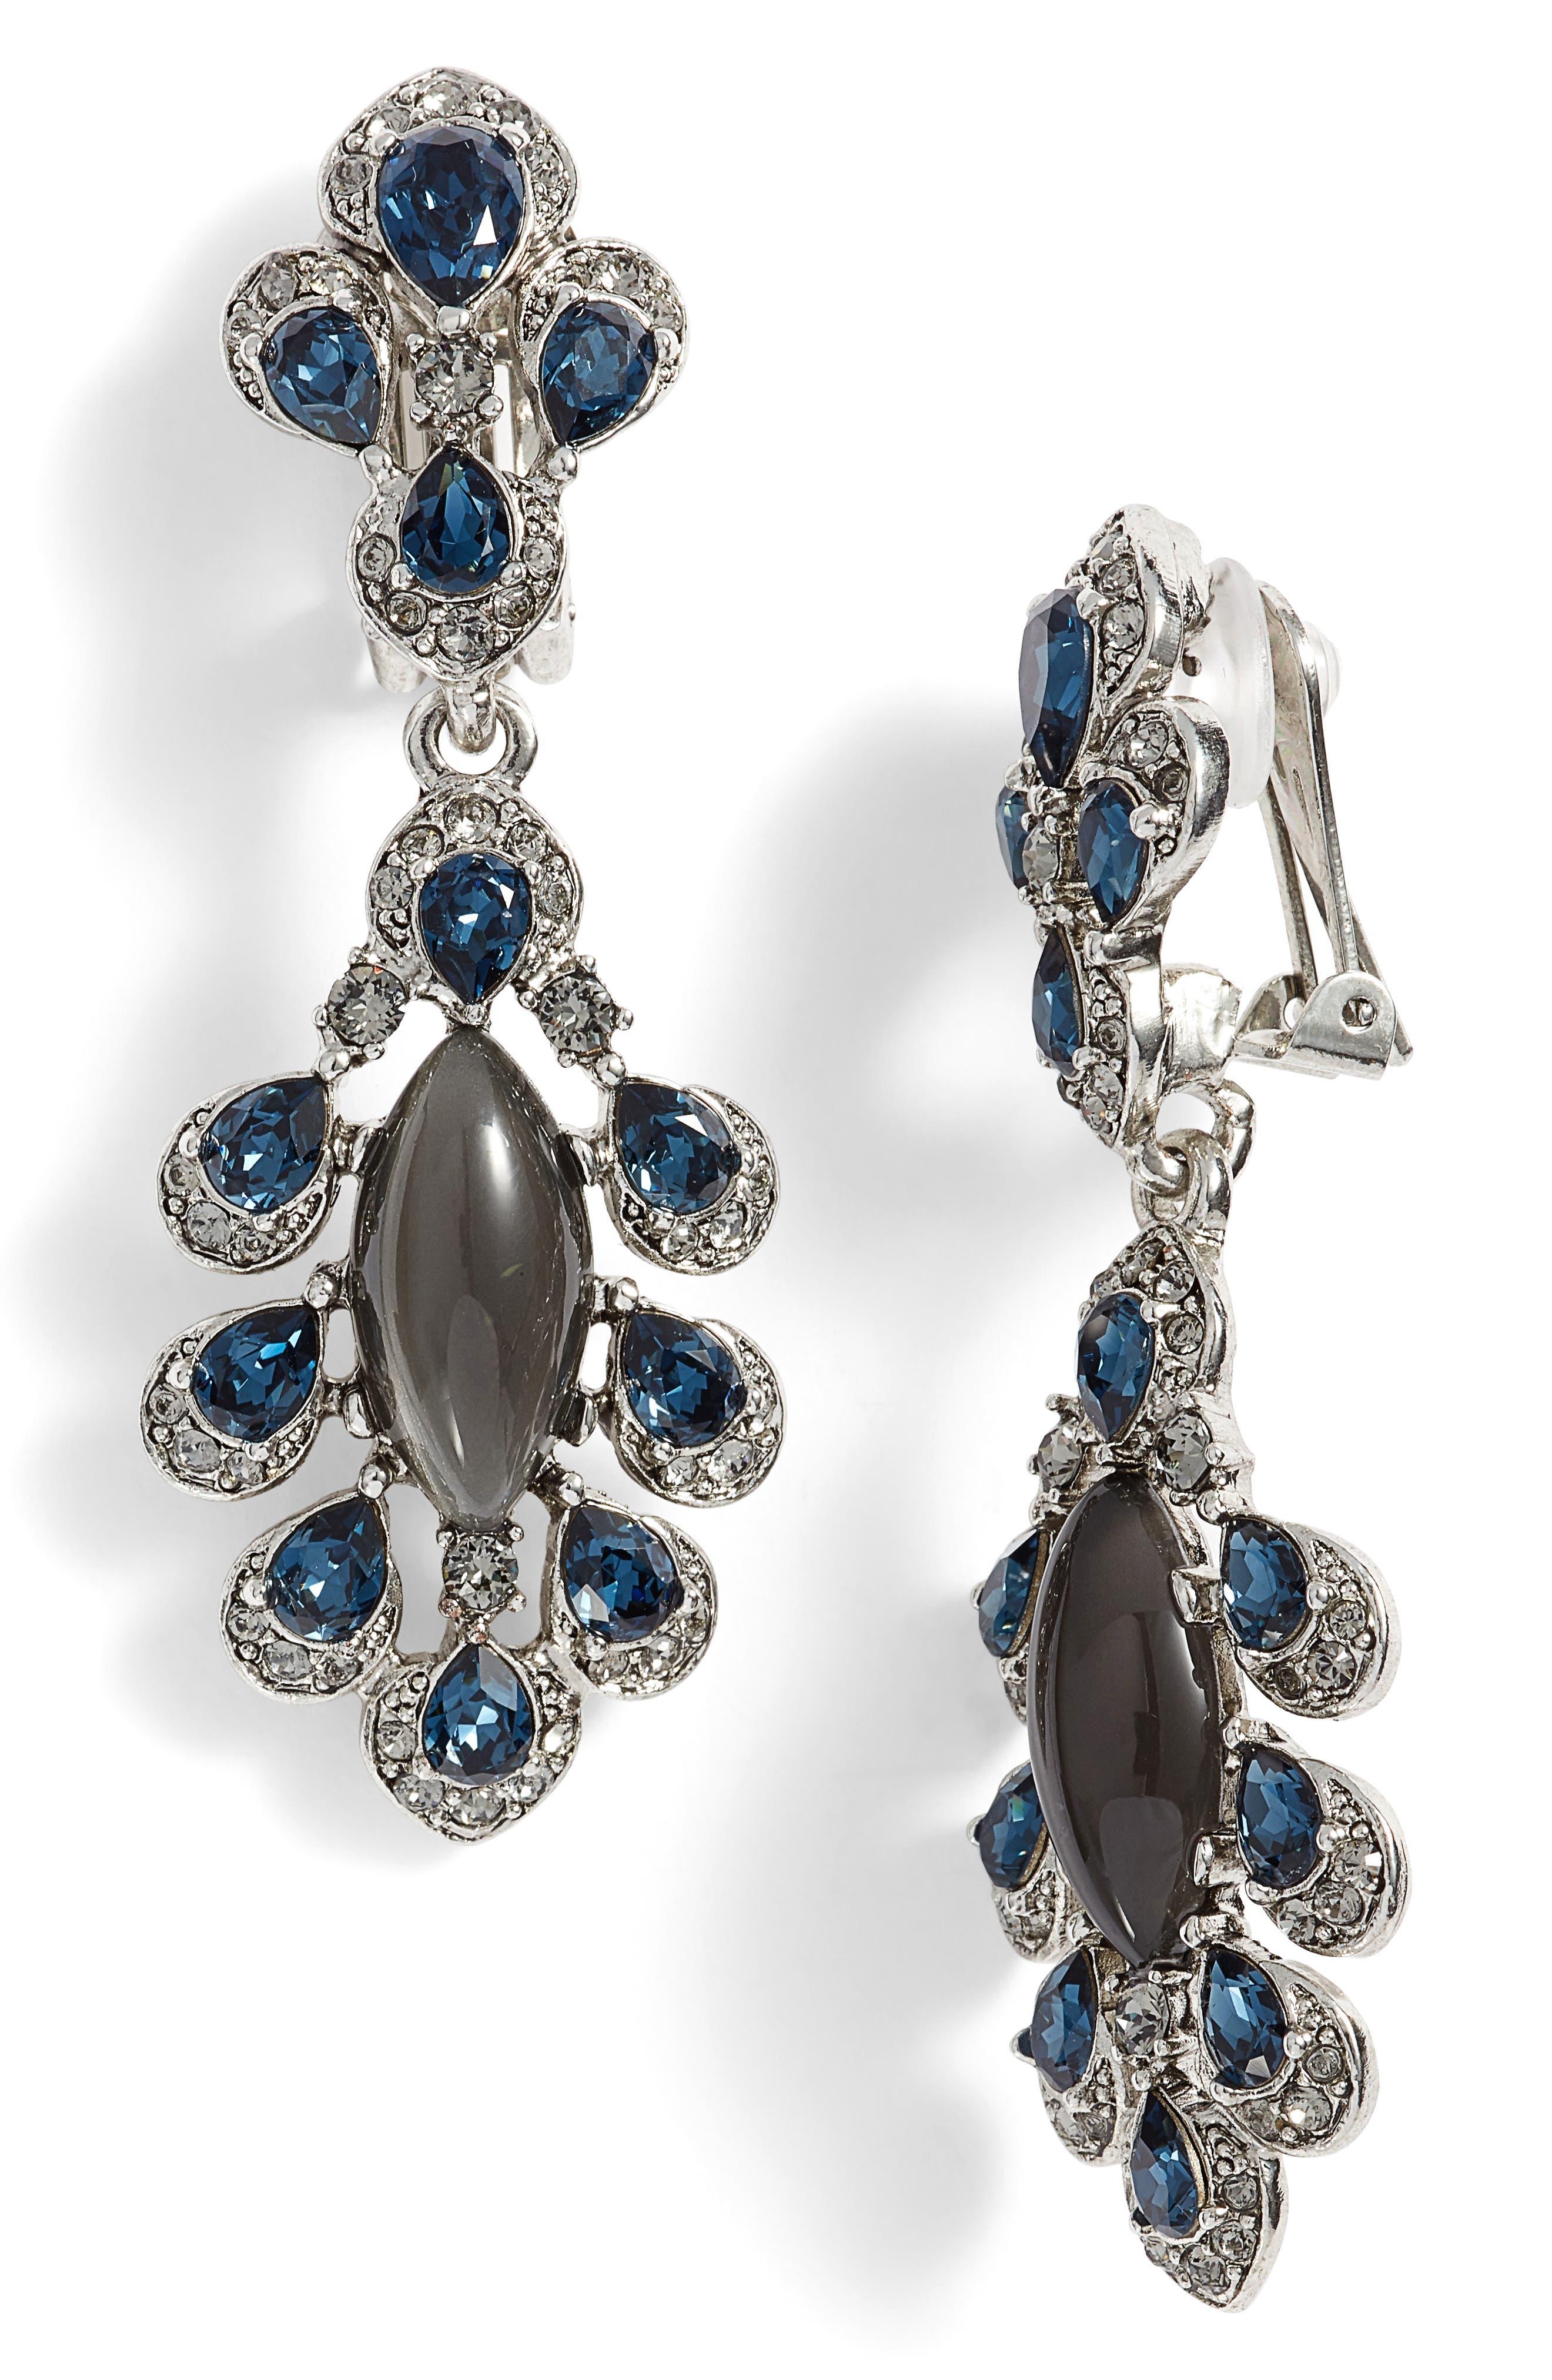 Oscar de la Renta Parlor Crystal Clip Earrings